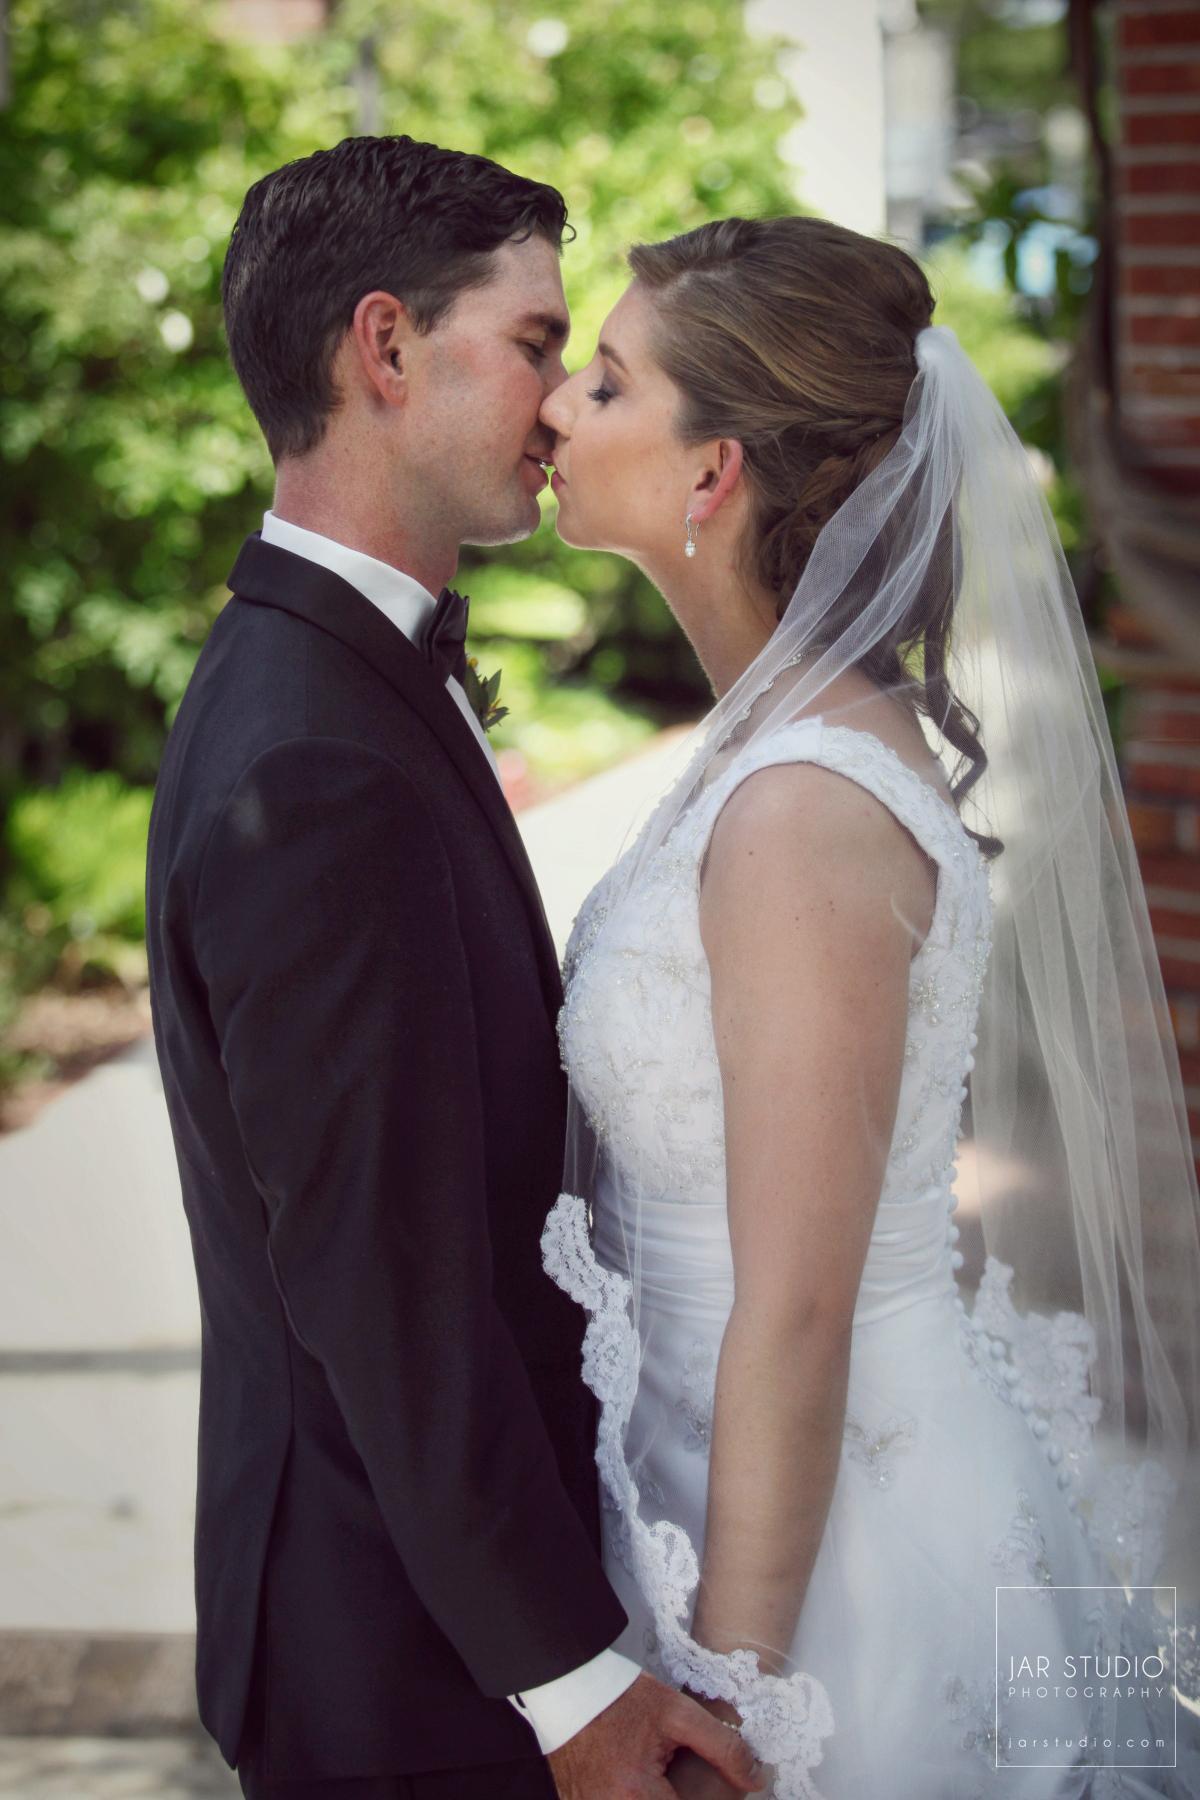 21-disney-weddings-photographer-jarstudio.JPG